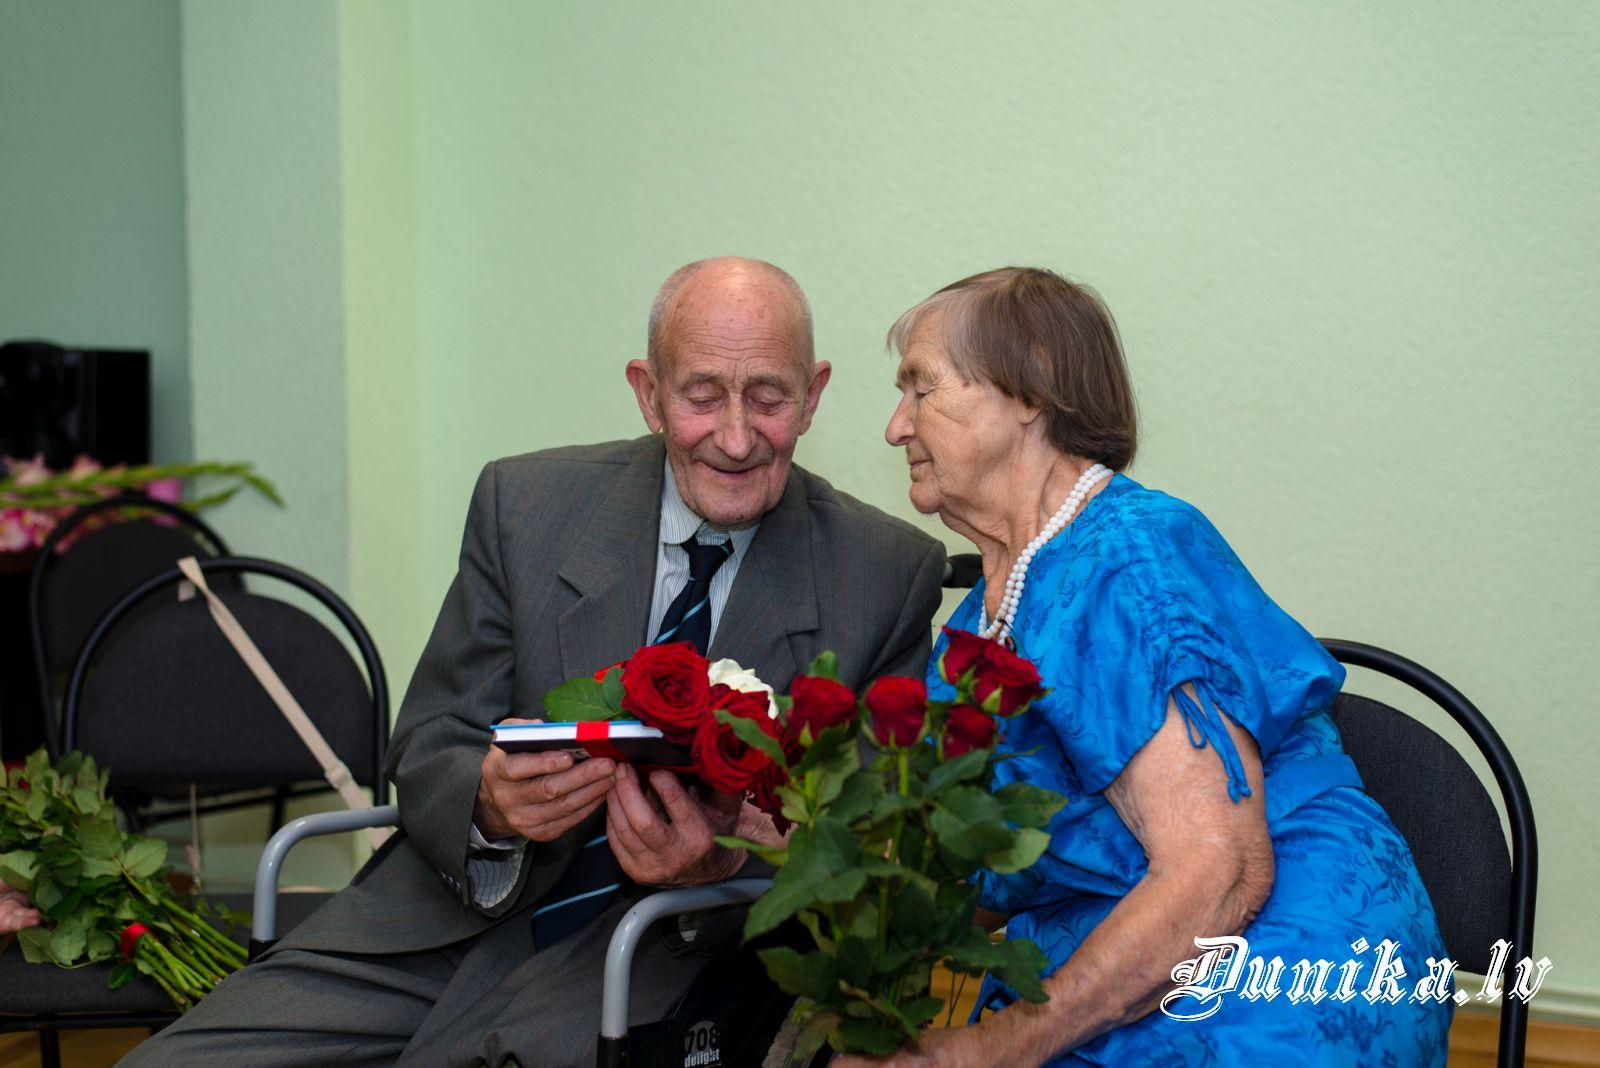 Miķelis Pelīte dāvā savu grāmatu sievai